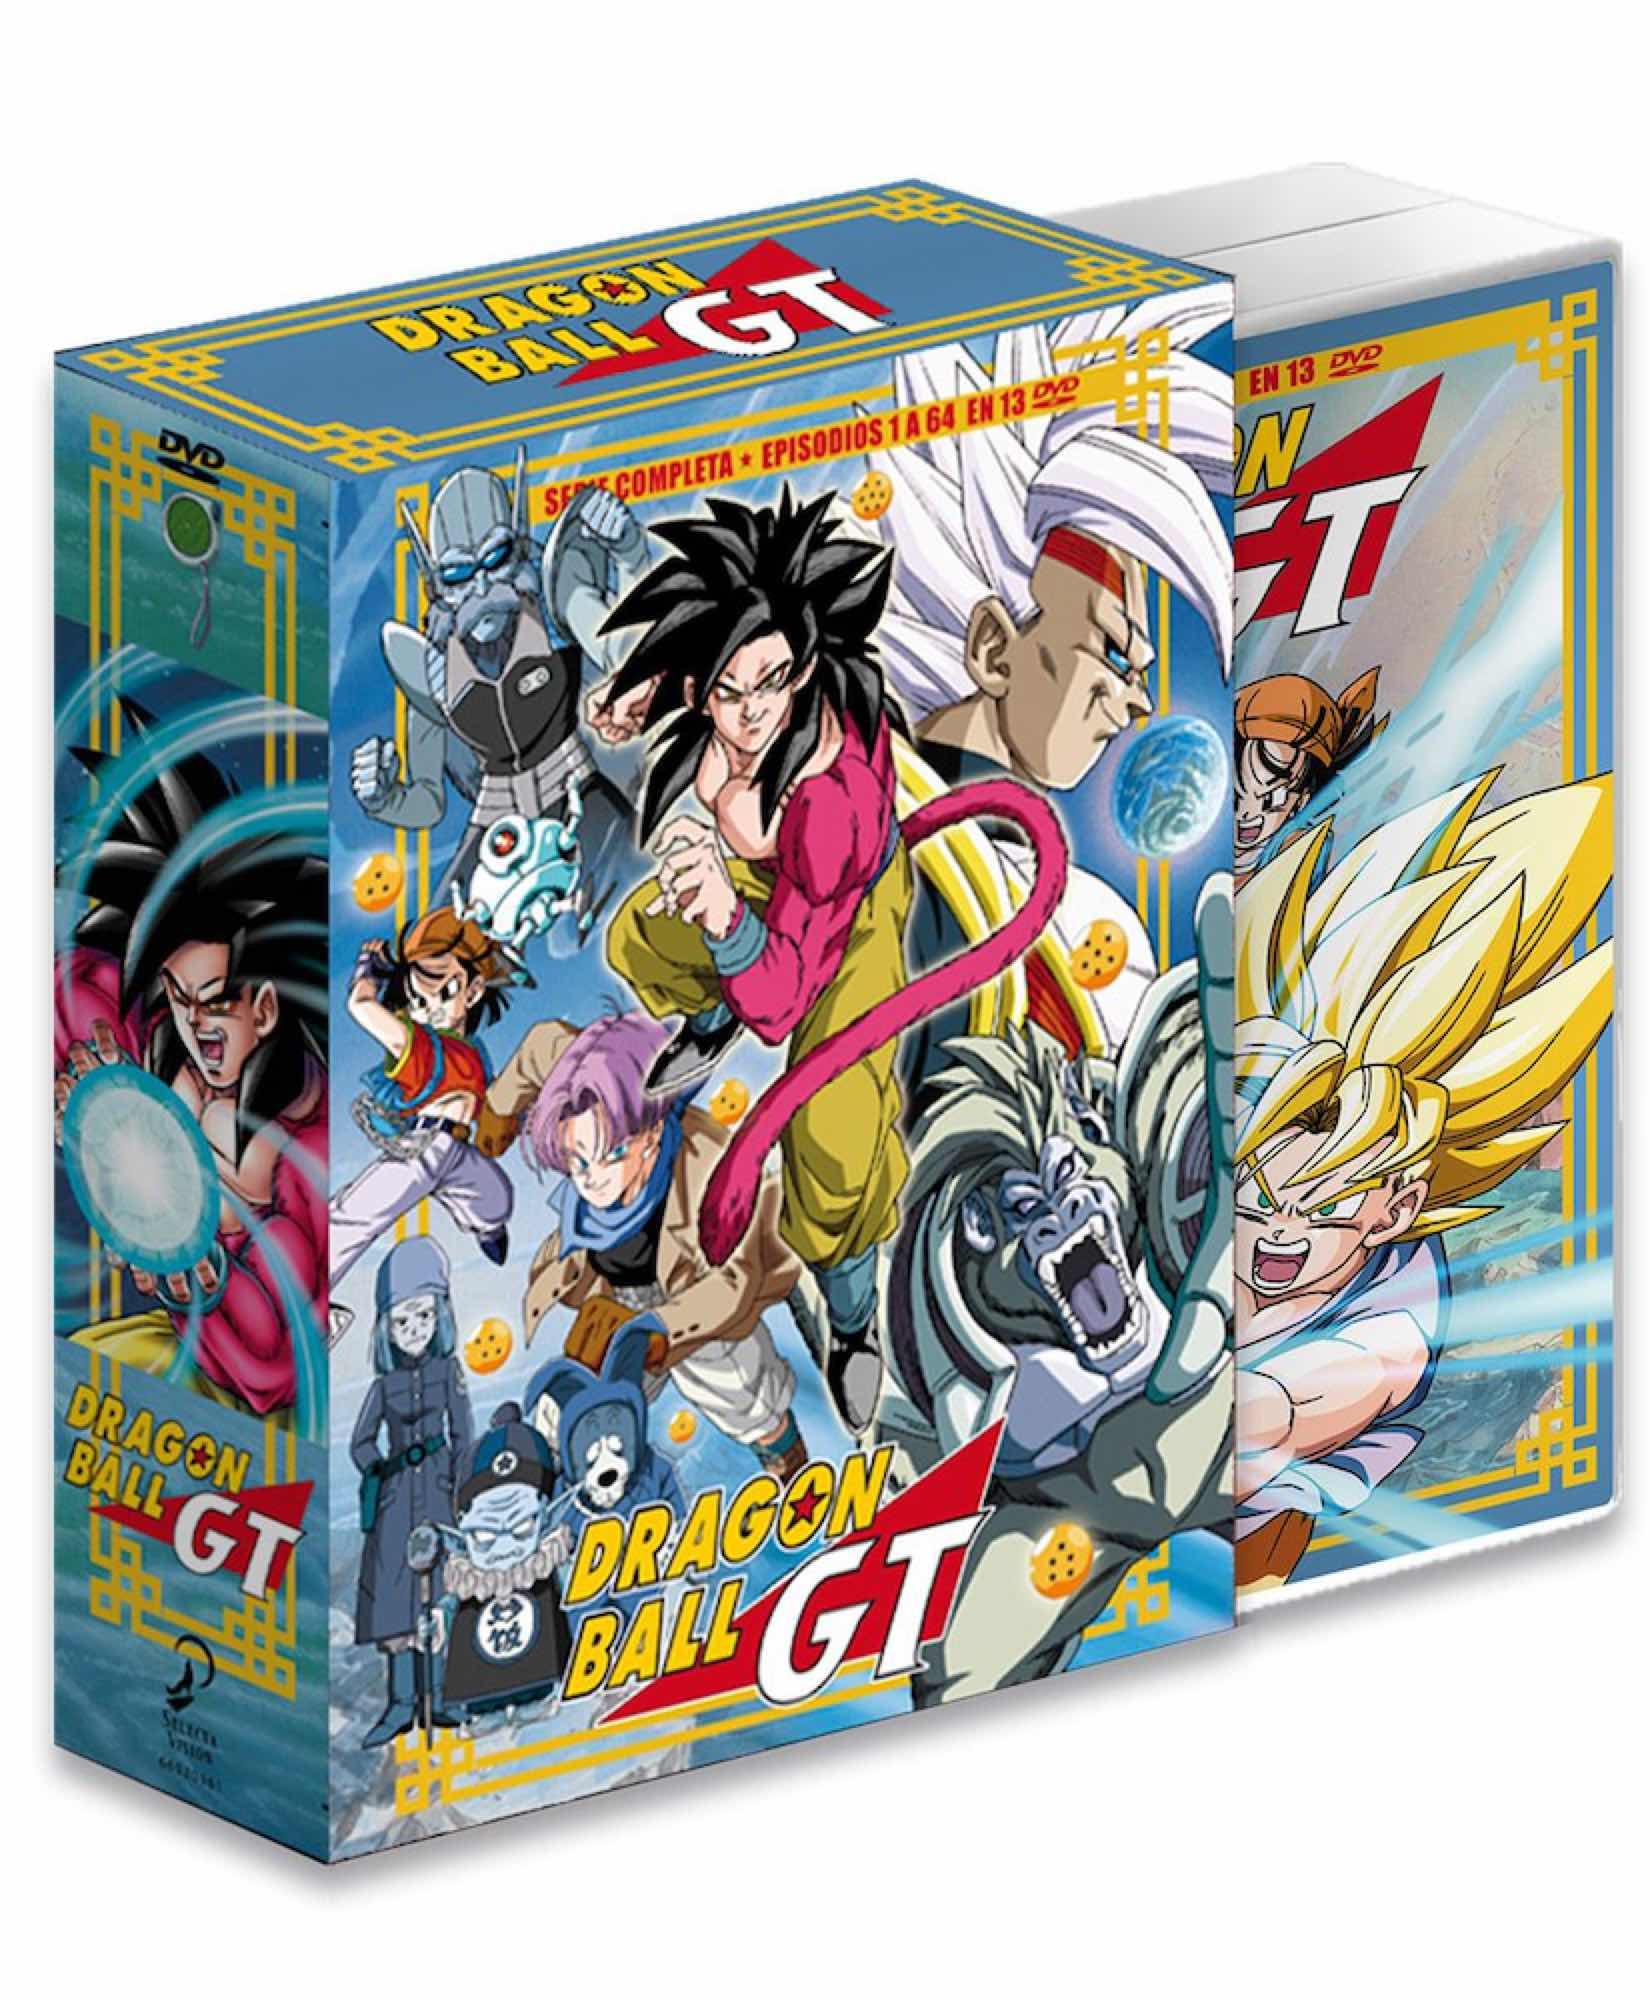 DVD DRAGON BALL GT SAGAS COMPLETAS